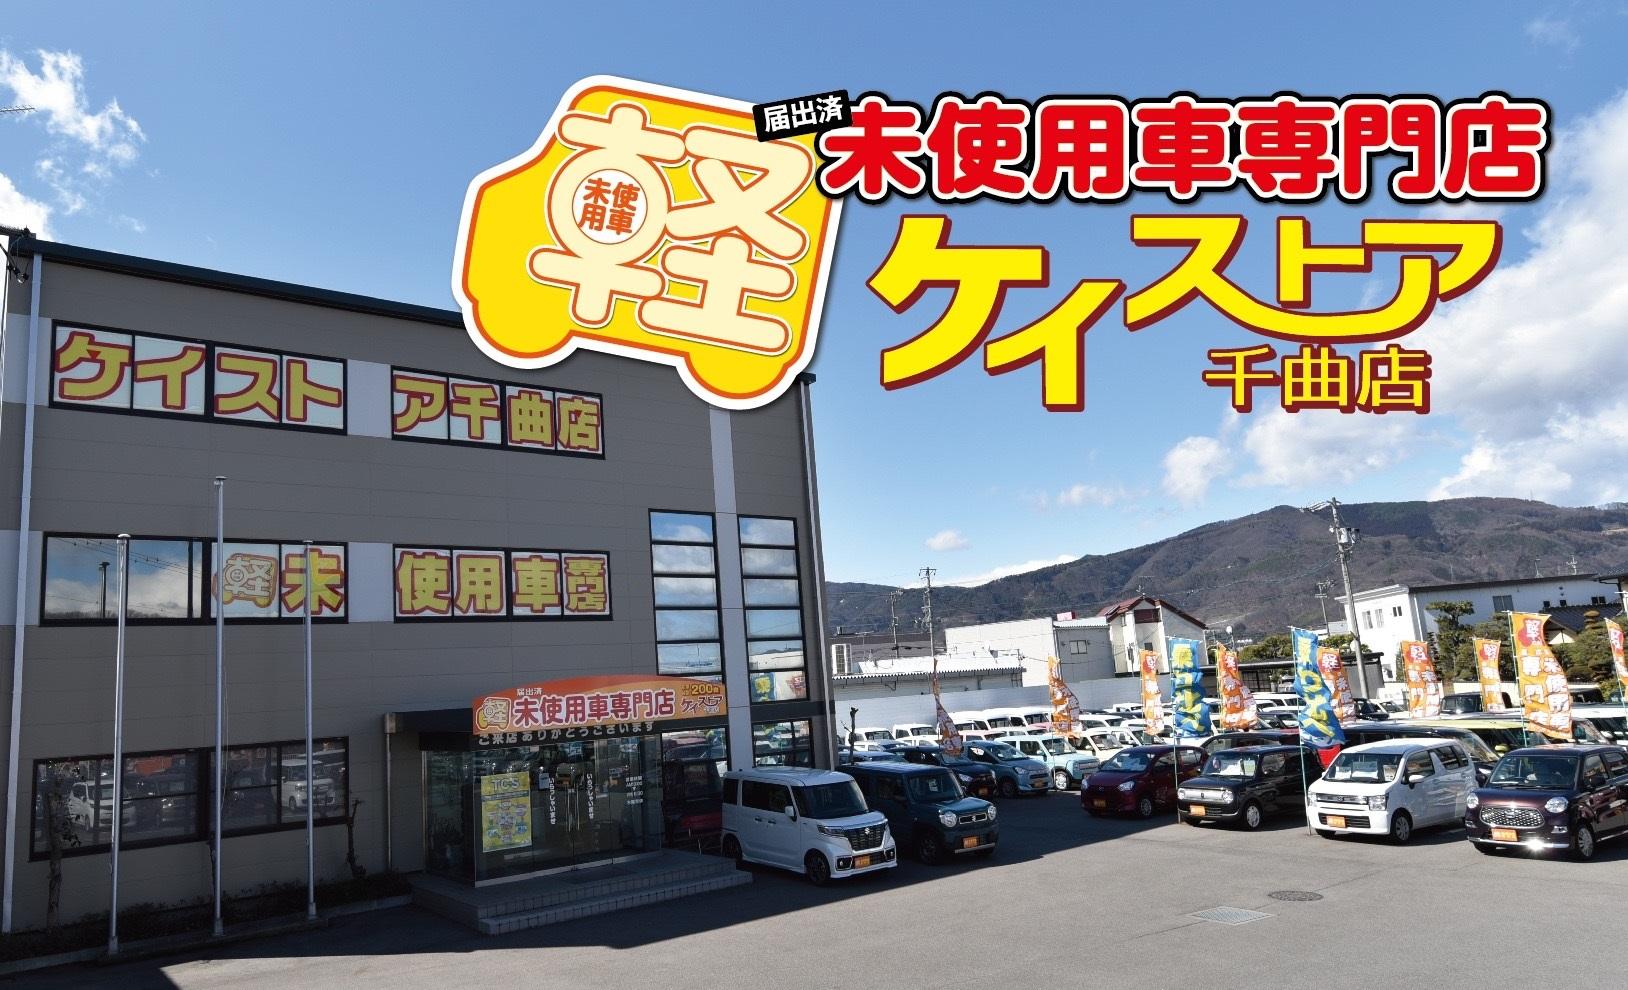 長野県最大級の軽未使用車専門店!オールメーカー在庫あり!来てみて納得のケイストアに大集合!